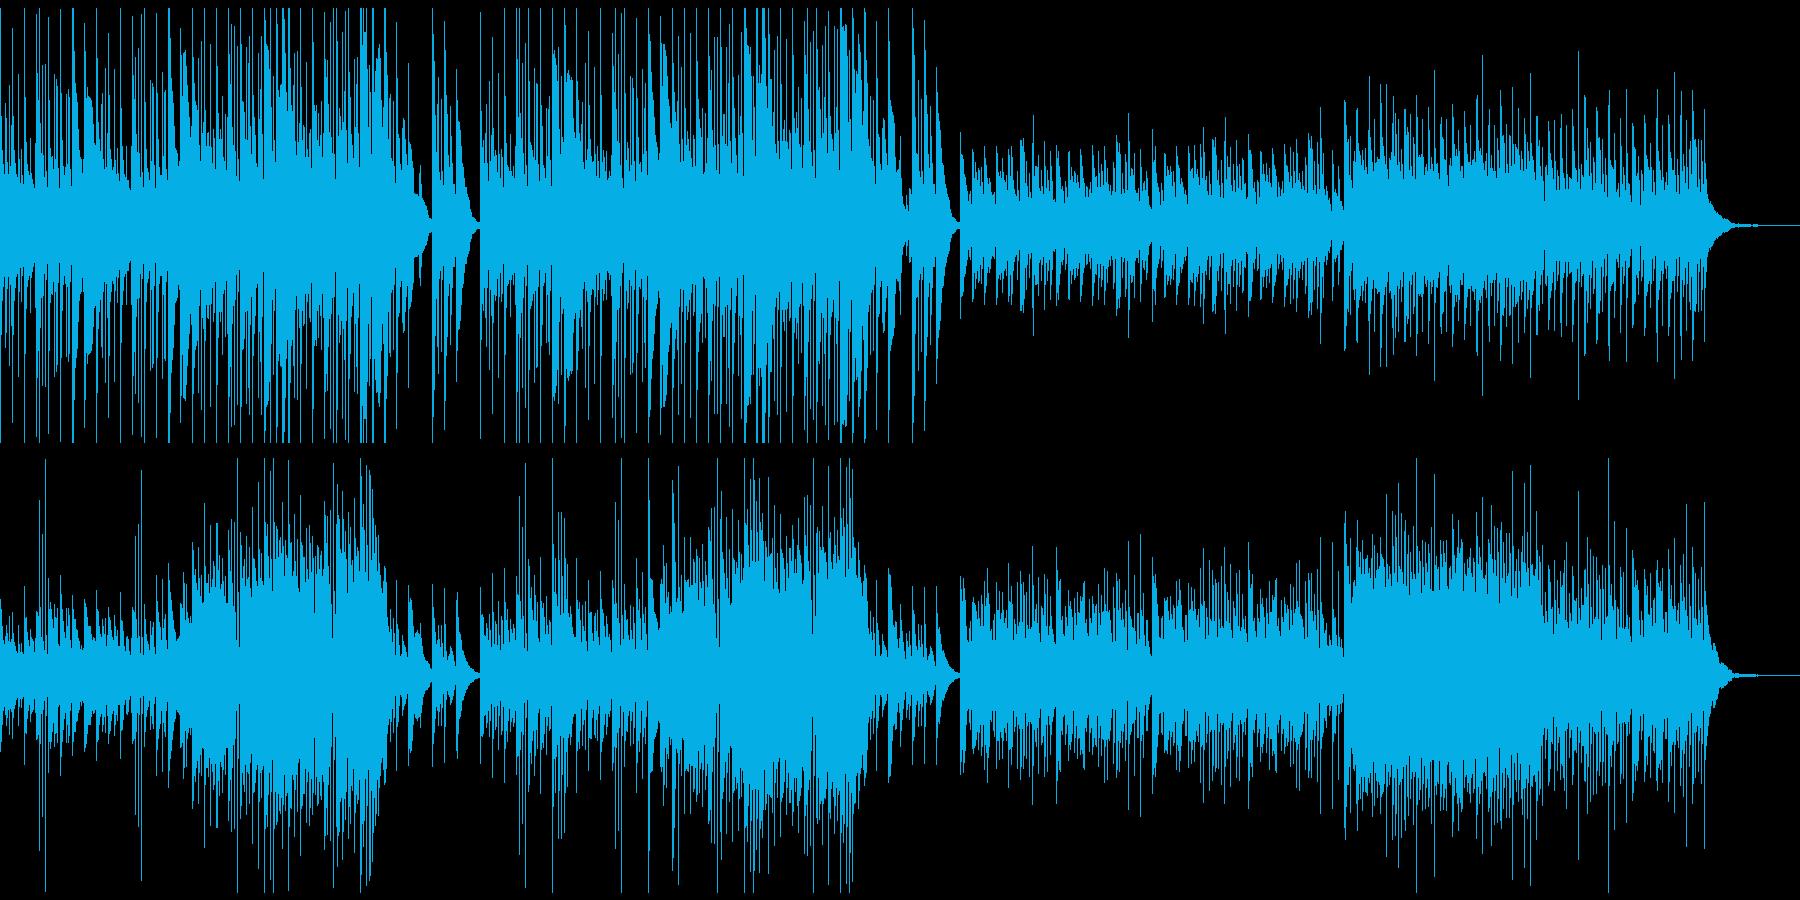 精霊の湖のようなハープの透き通った曲の再生済みの波形